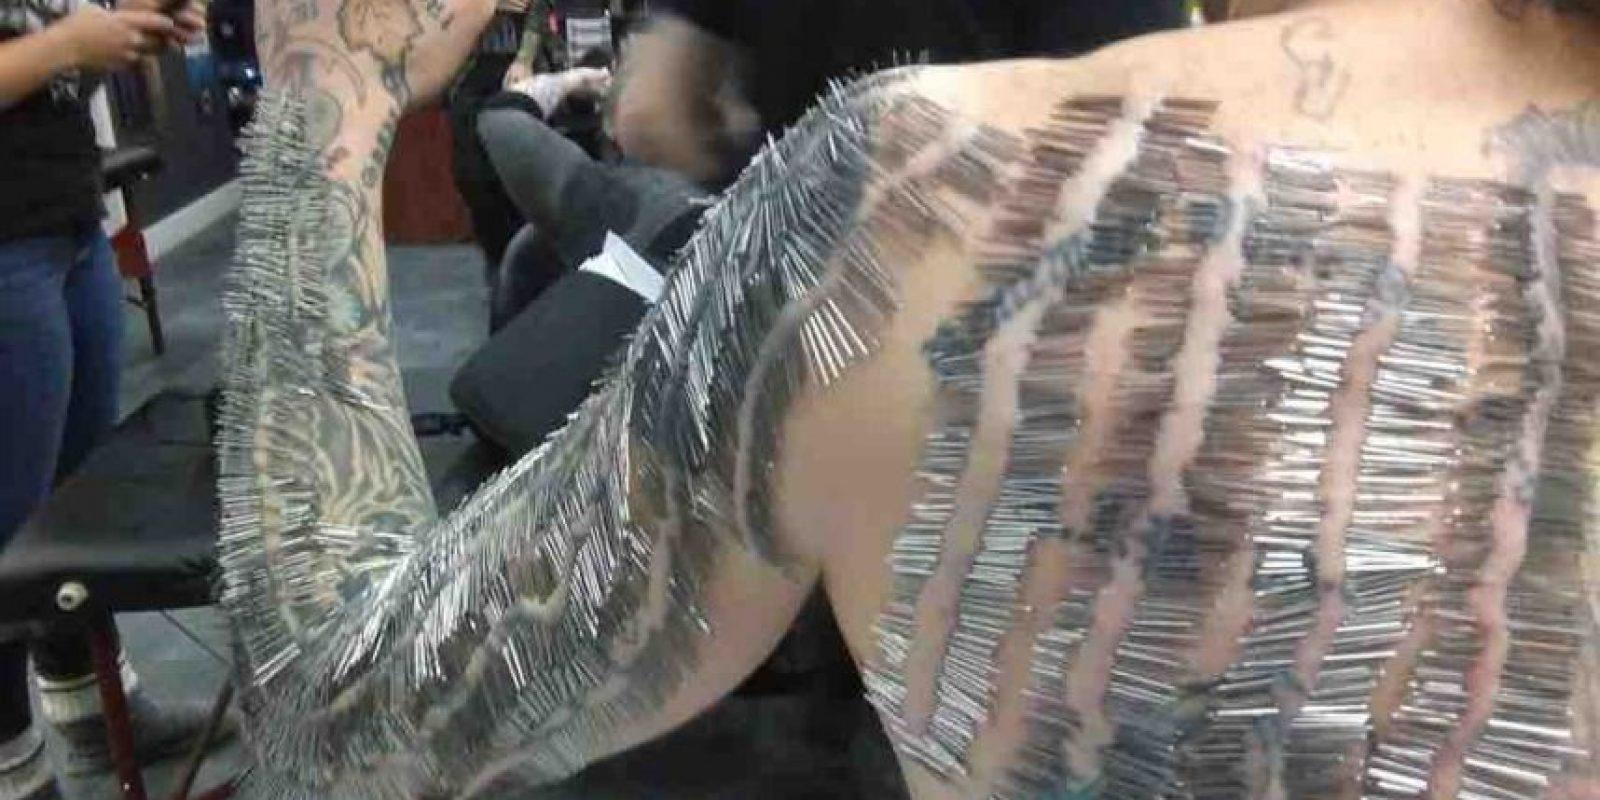 A lo largo de 9 horas, y bajo el cuidado de de profesionales capacitados, Menczyk soportó las agujas que se insertaban a través de su piel una a una Foto:Vía Youtube